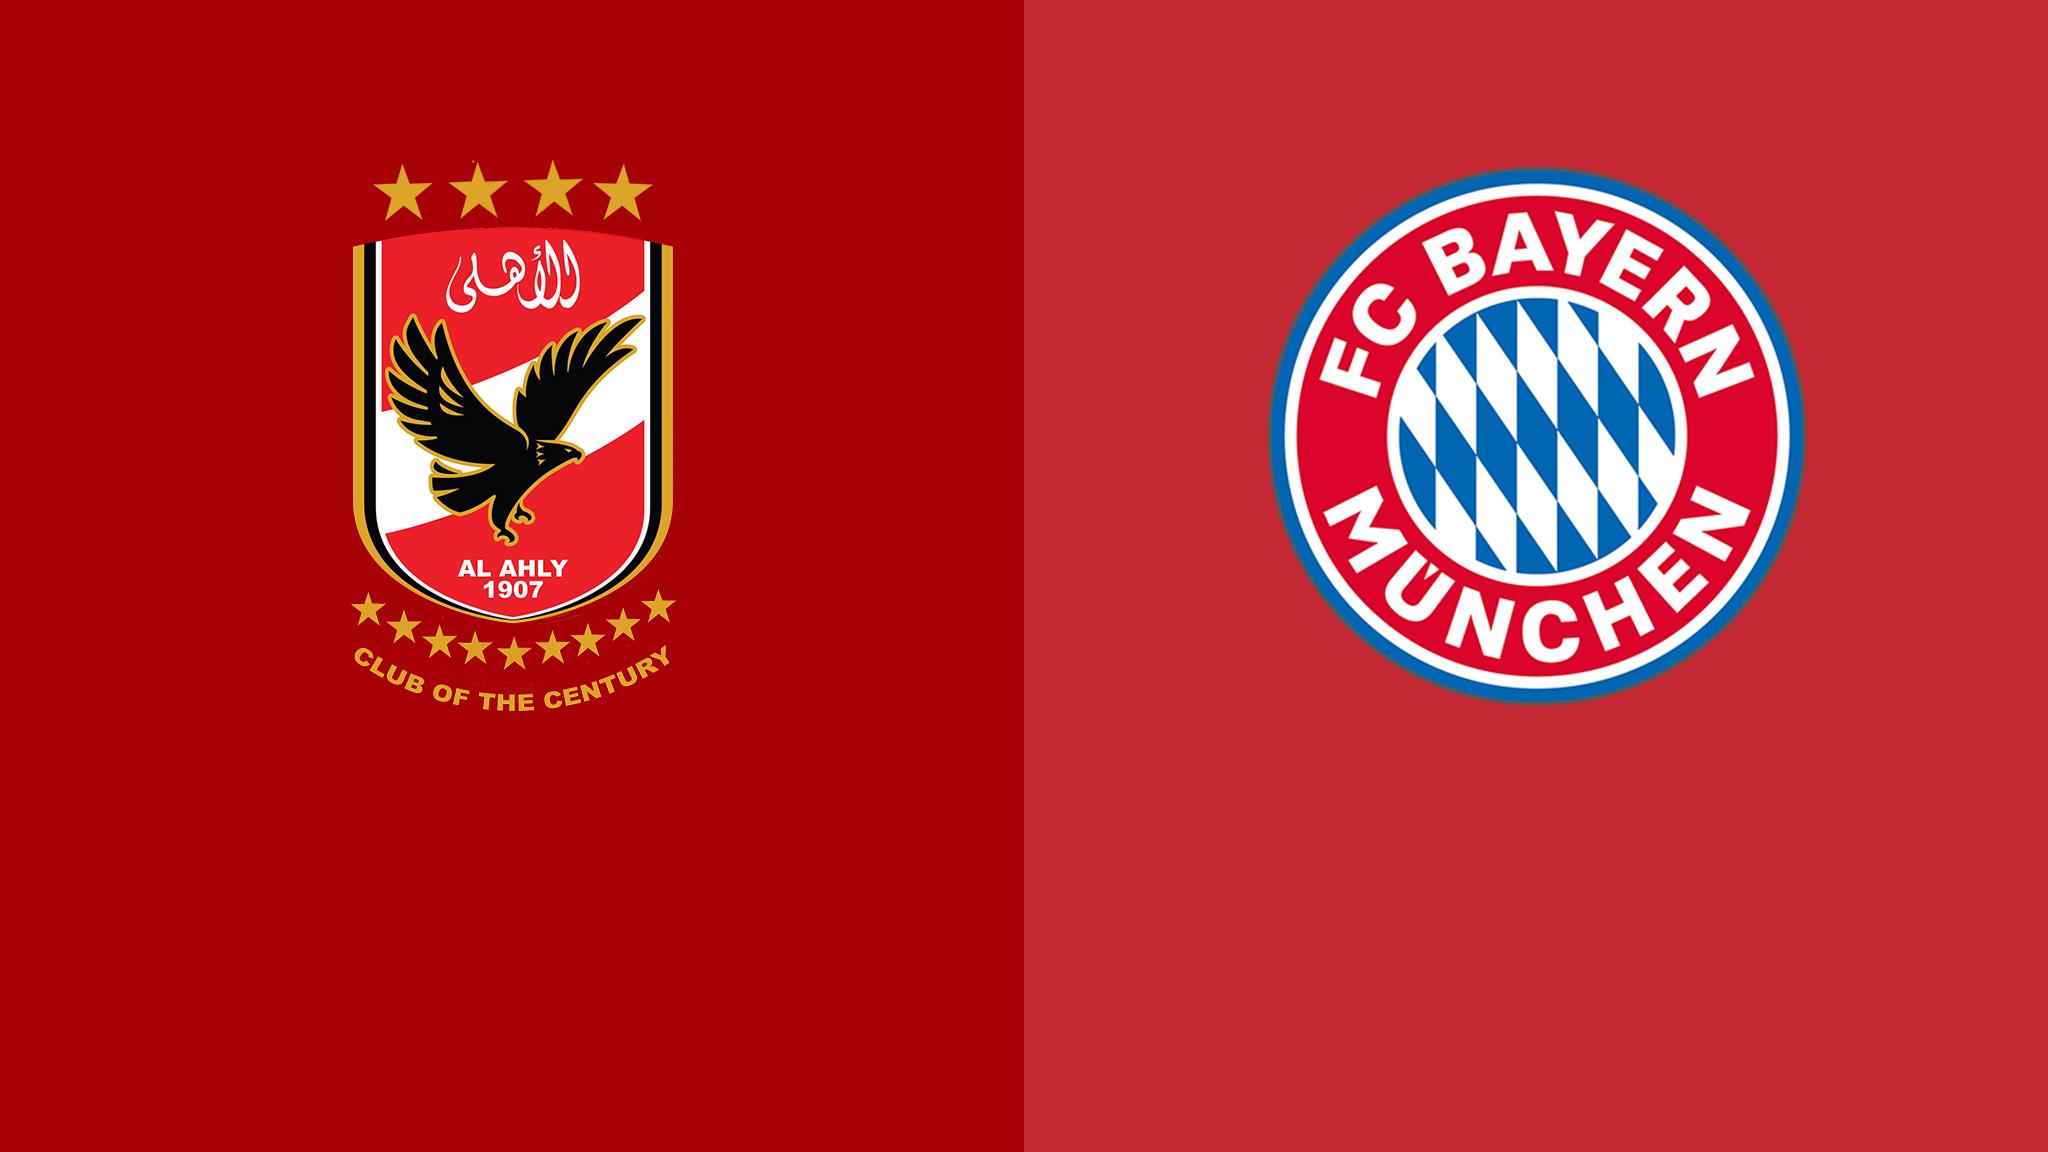 Al Ahly vs Bayern Munich